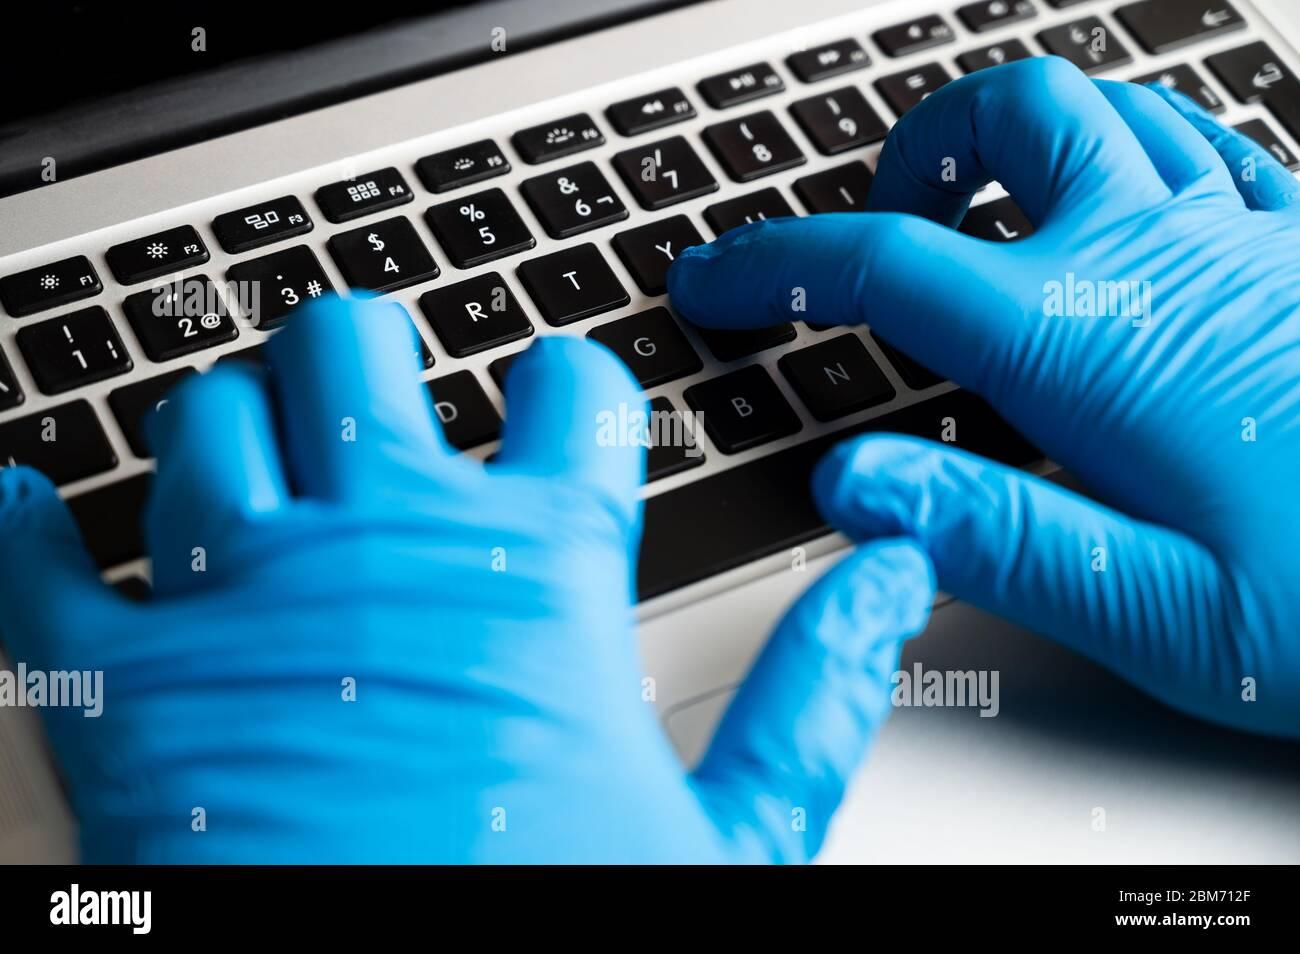 Arbeiten mit Schutzhandschuhen an einem Computer. Coronavirus-Prävention. Sicheres Arbeiten im Büro mit Notebook. Stockfoto